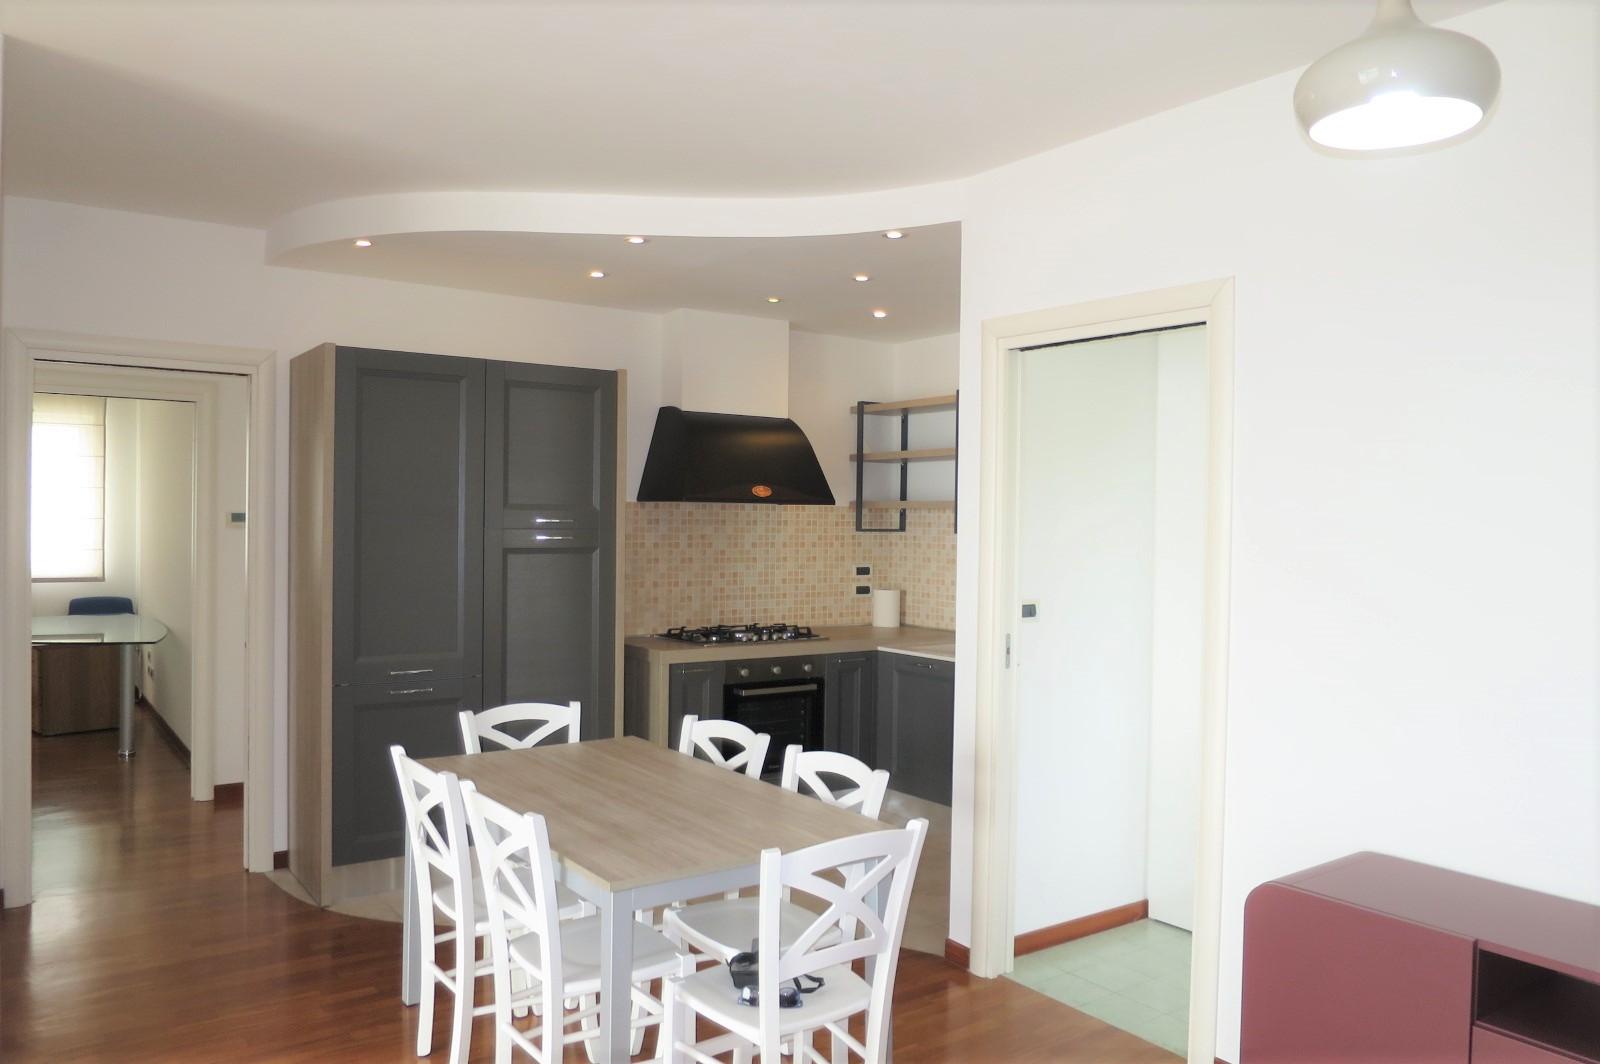 Apartament Apartament for sale Città Sant'Angelo (PE), Appartamento Belvedere - Città Sant'Angelo - EUR 262.881 310